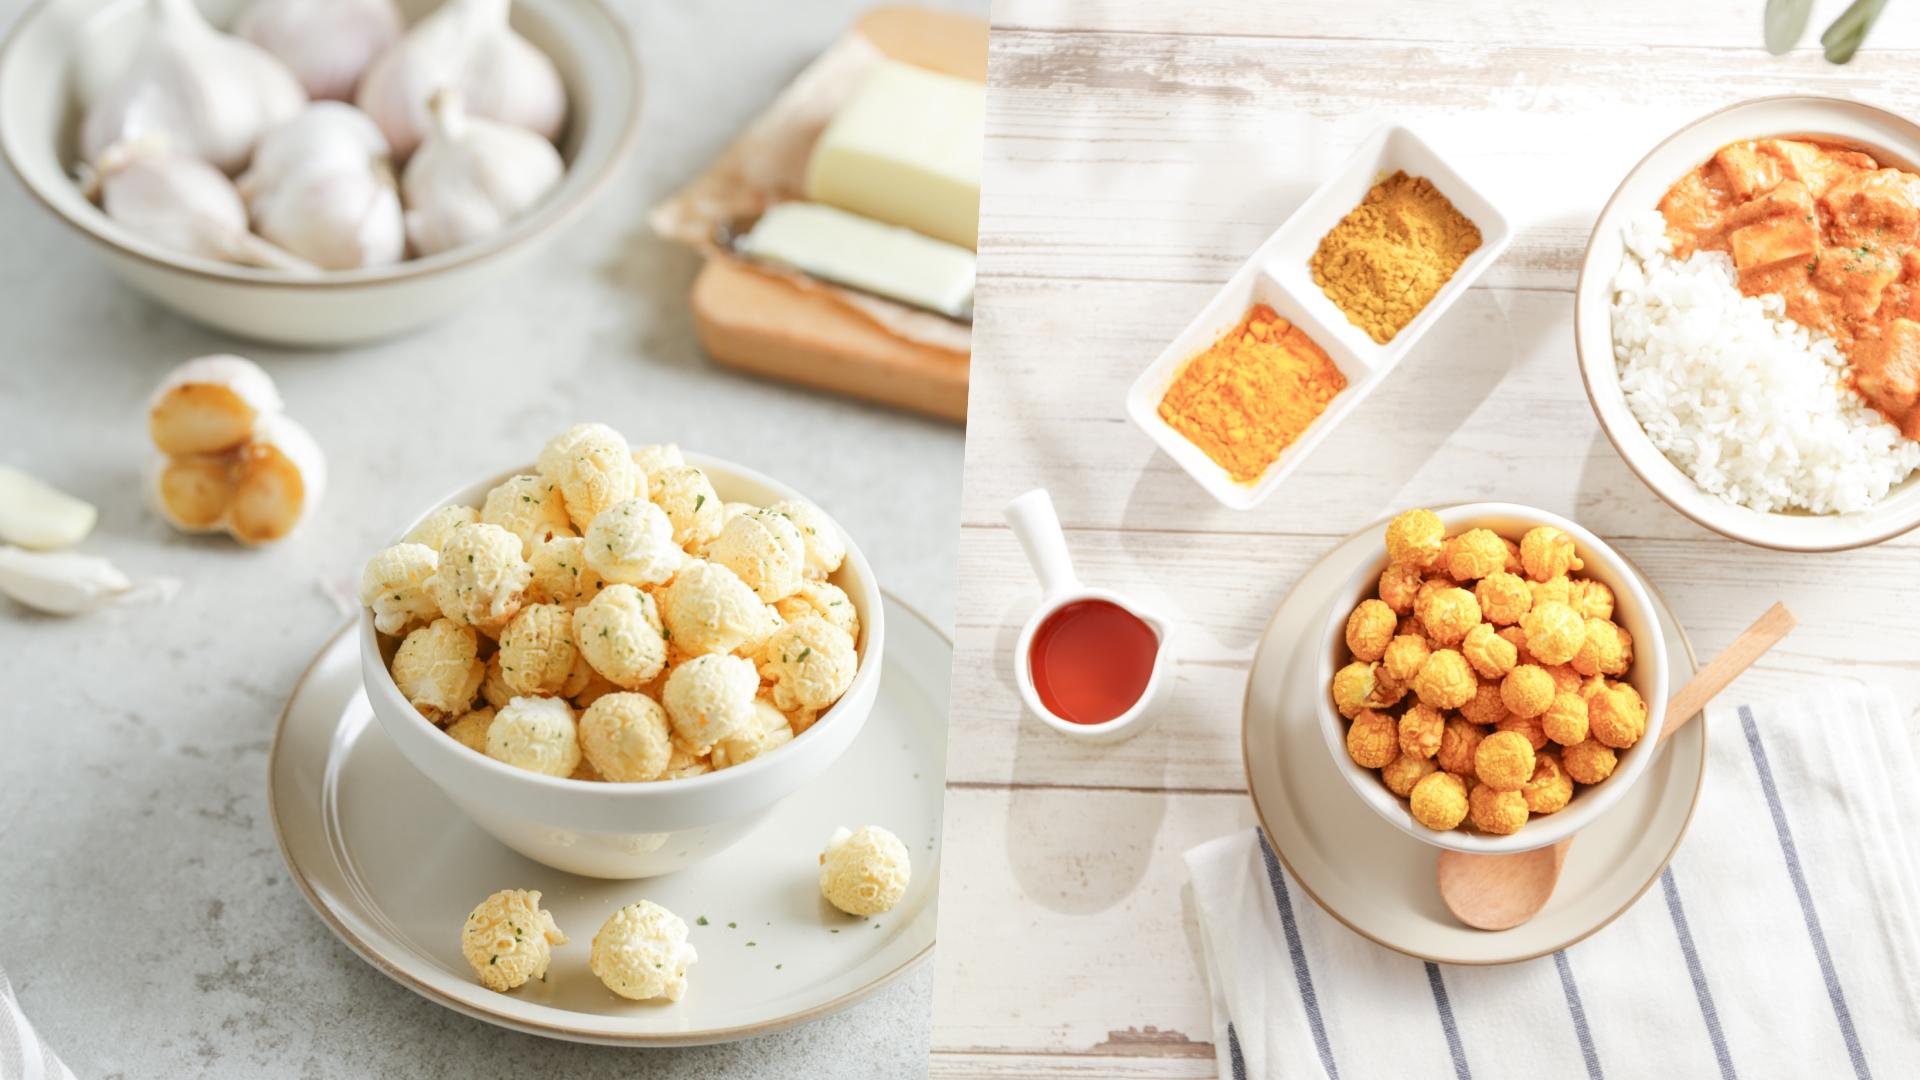 這次的兩款都是專為重口味打造,「薑黃咖哩爆米花」嚴選高雄甲仙薑黃粉,搭配獨家特製的咖哩粉、洋蔥粉等多種香辛料